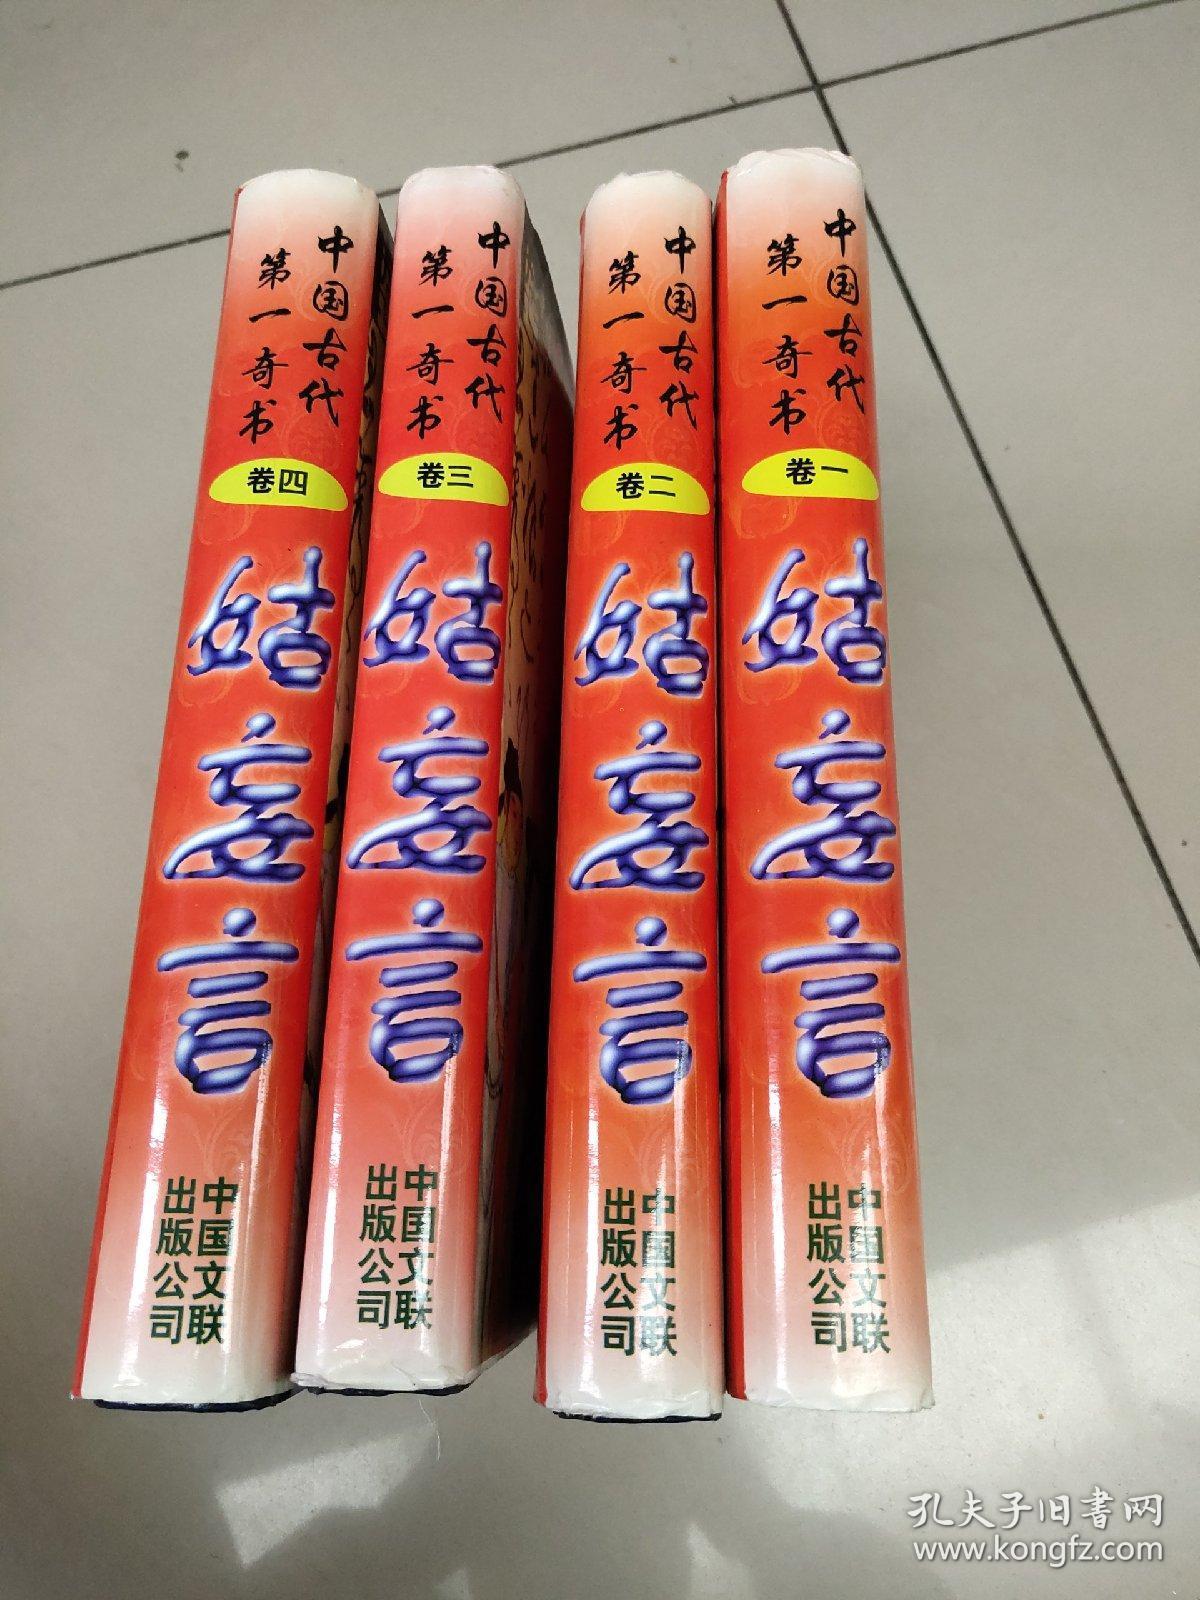 1401中国古代小说; 【姑妄言】(,1-4册)(私人藏书9品)